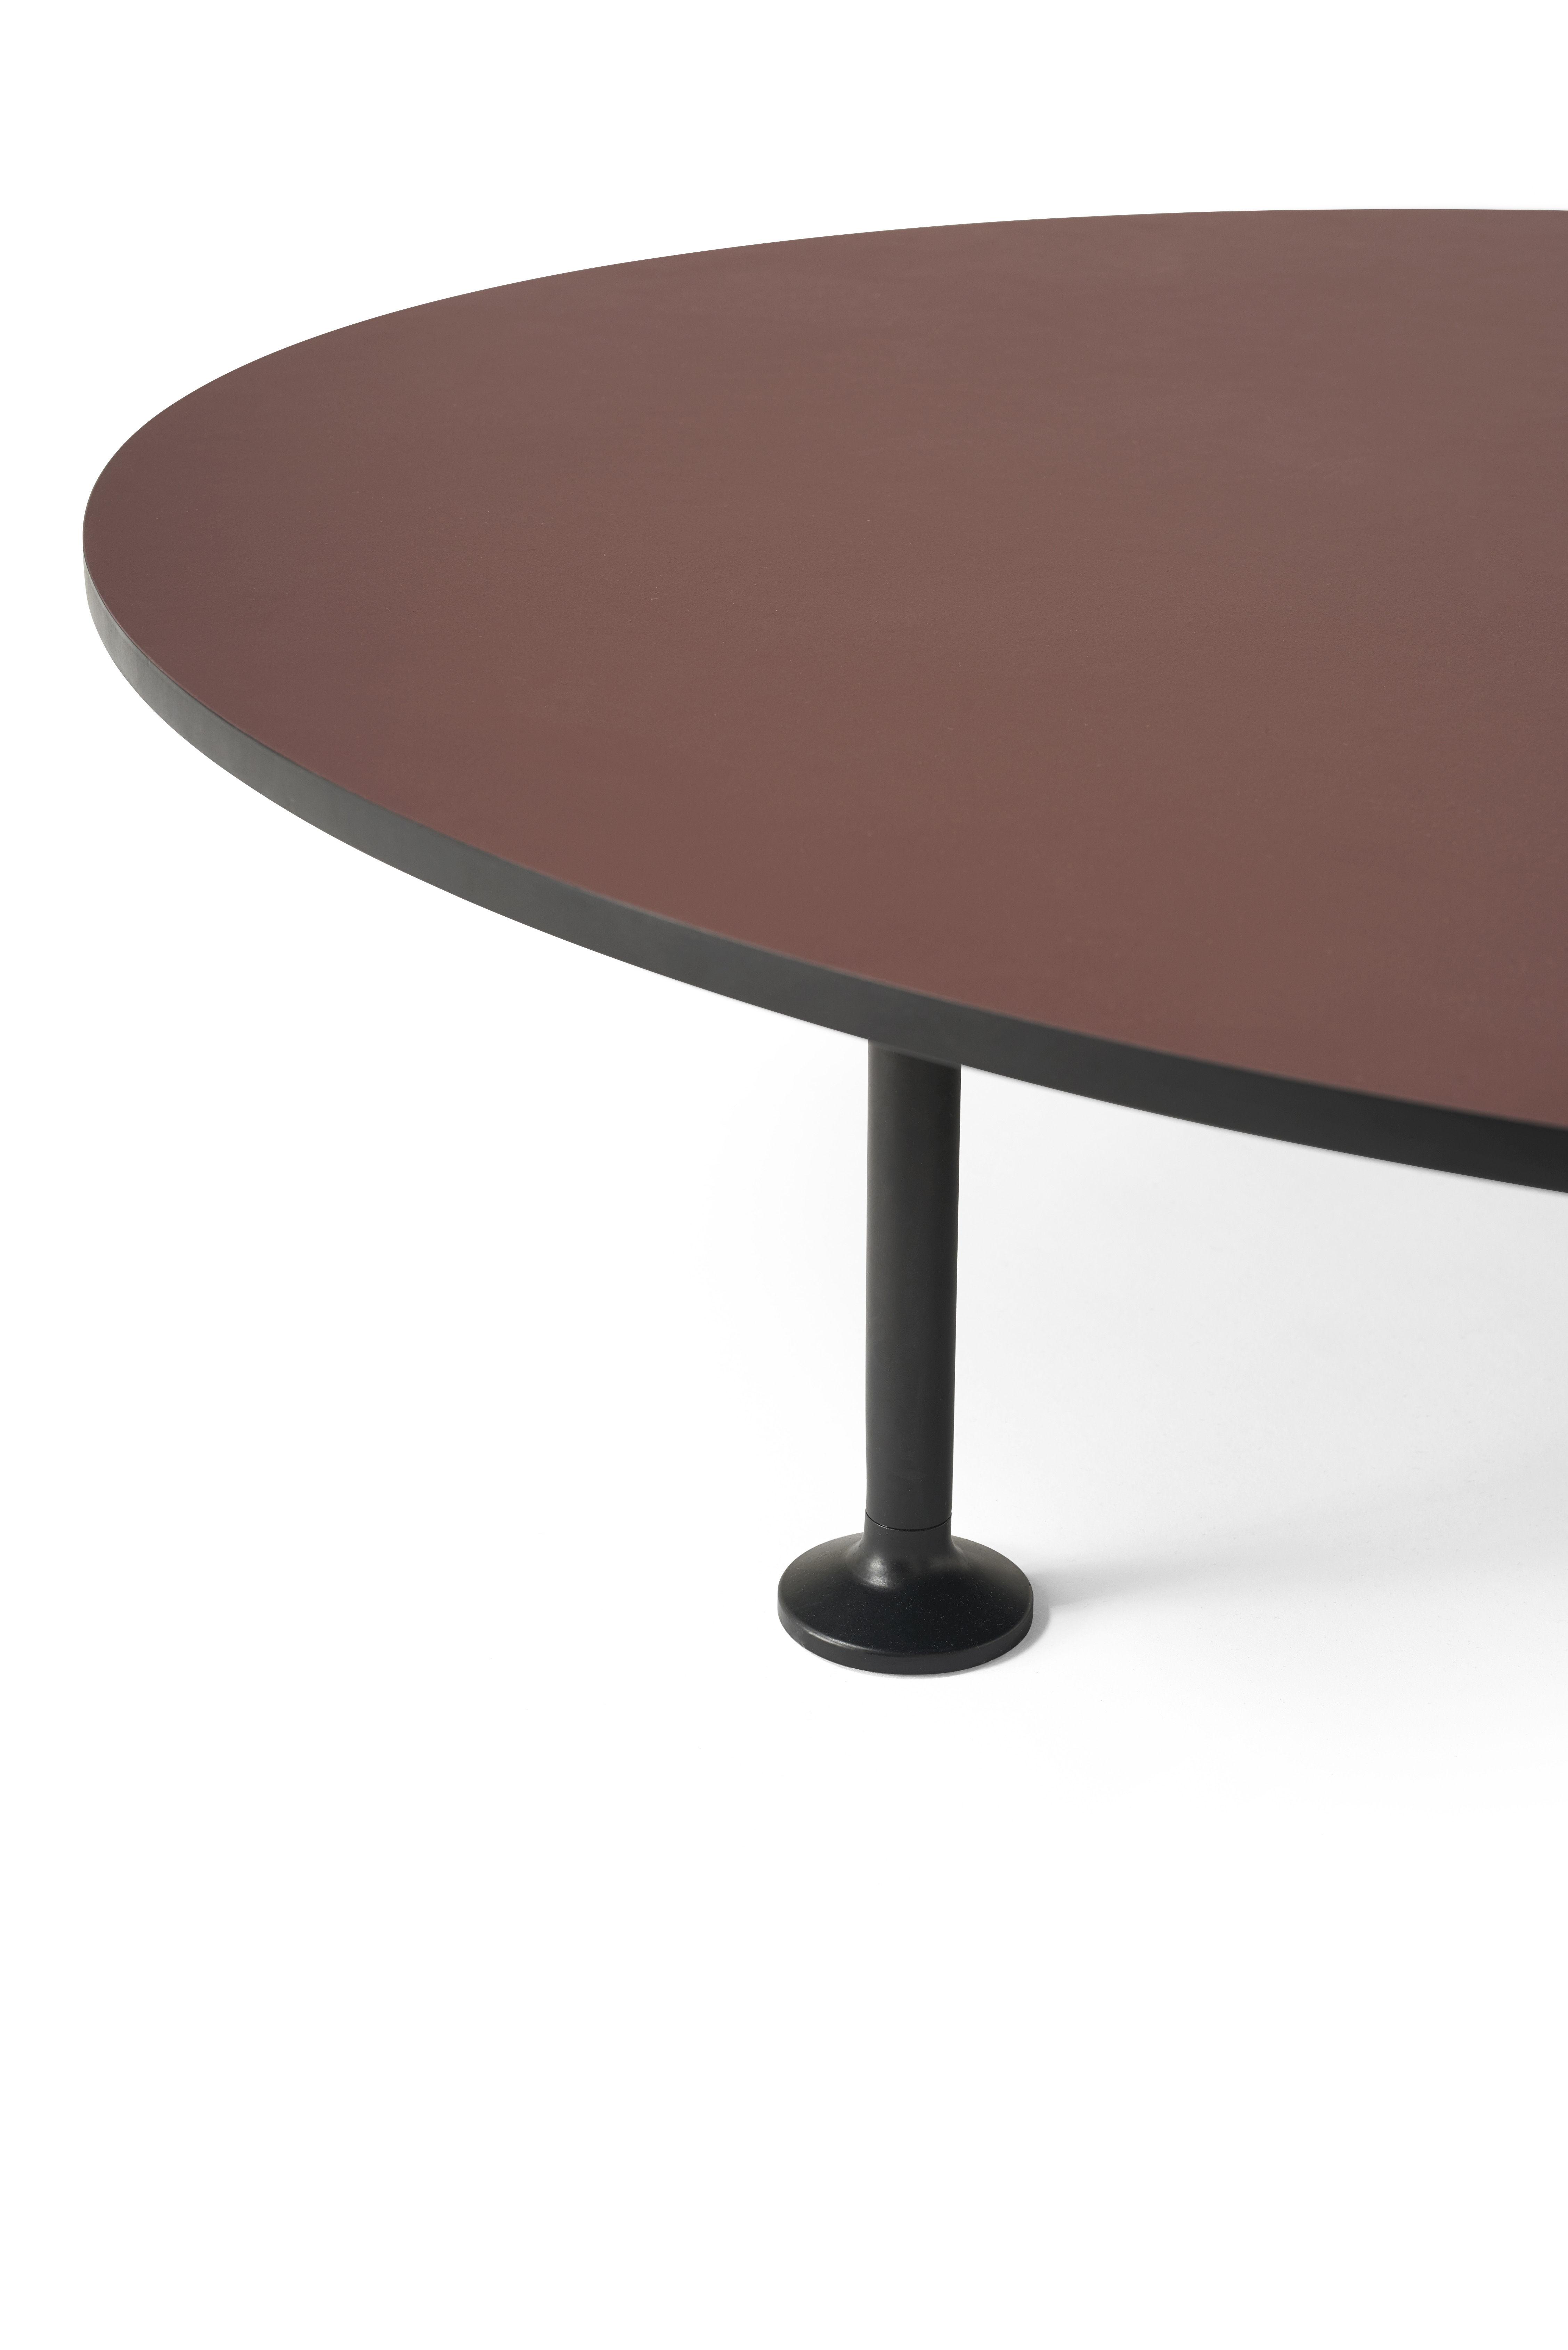 Table Basse Godot 90 Cm Linoleum Bordeaux Pieds Noirs Menu